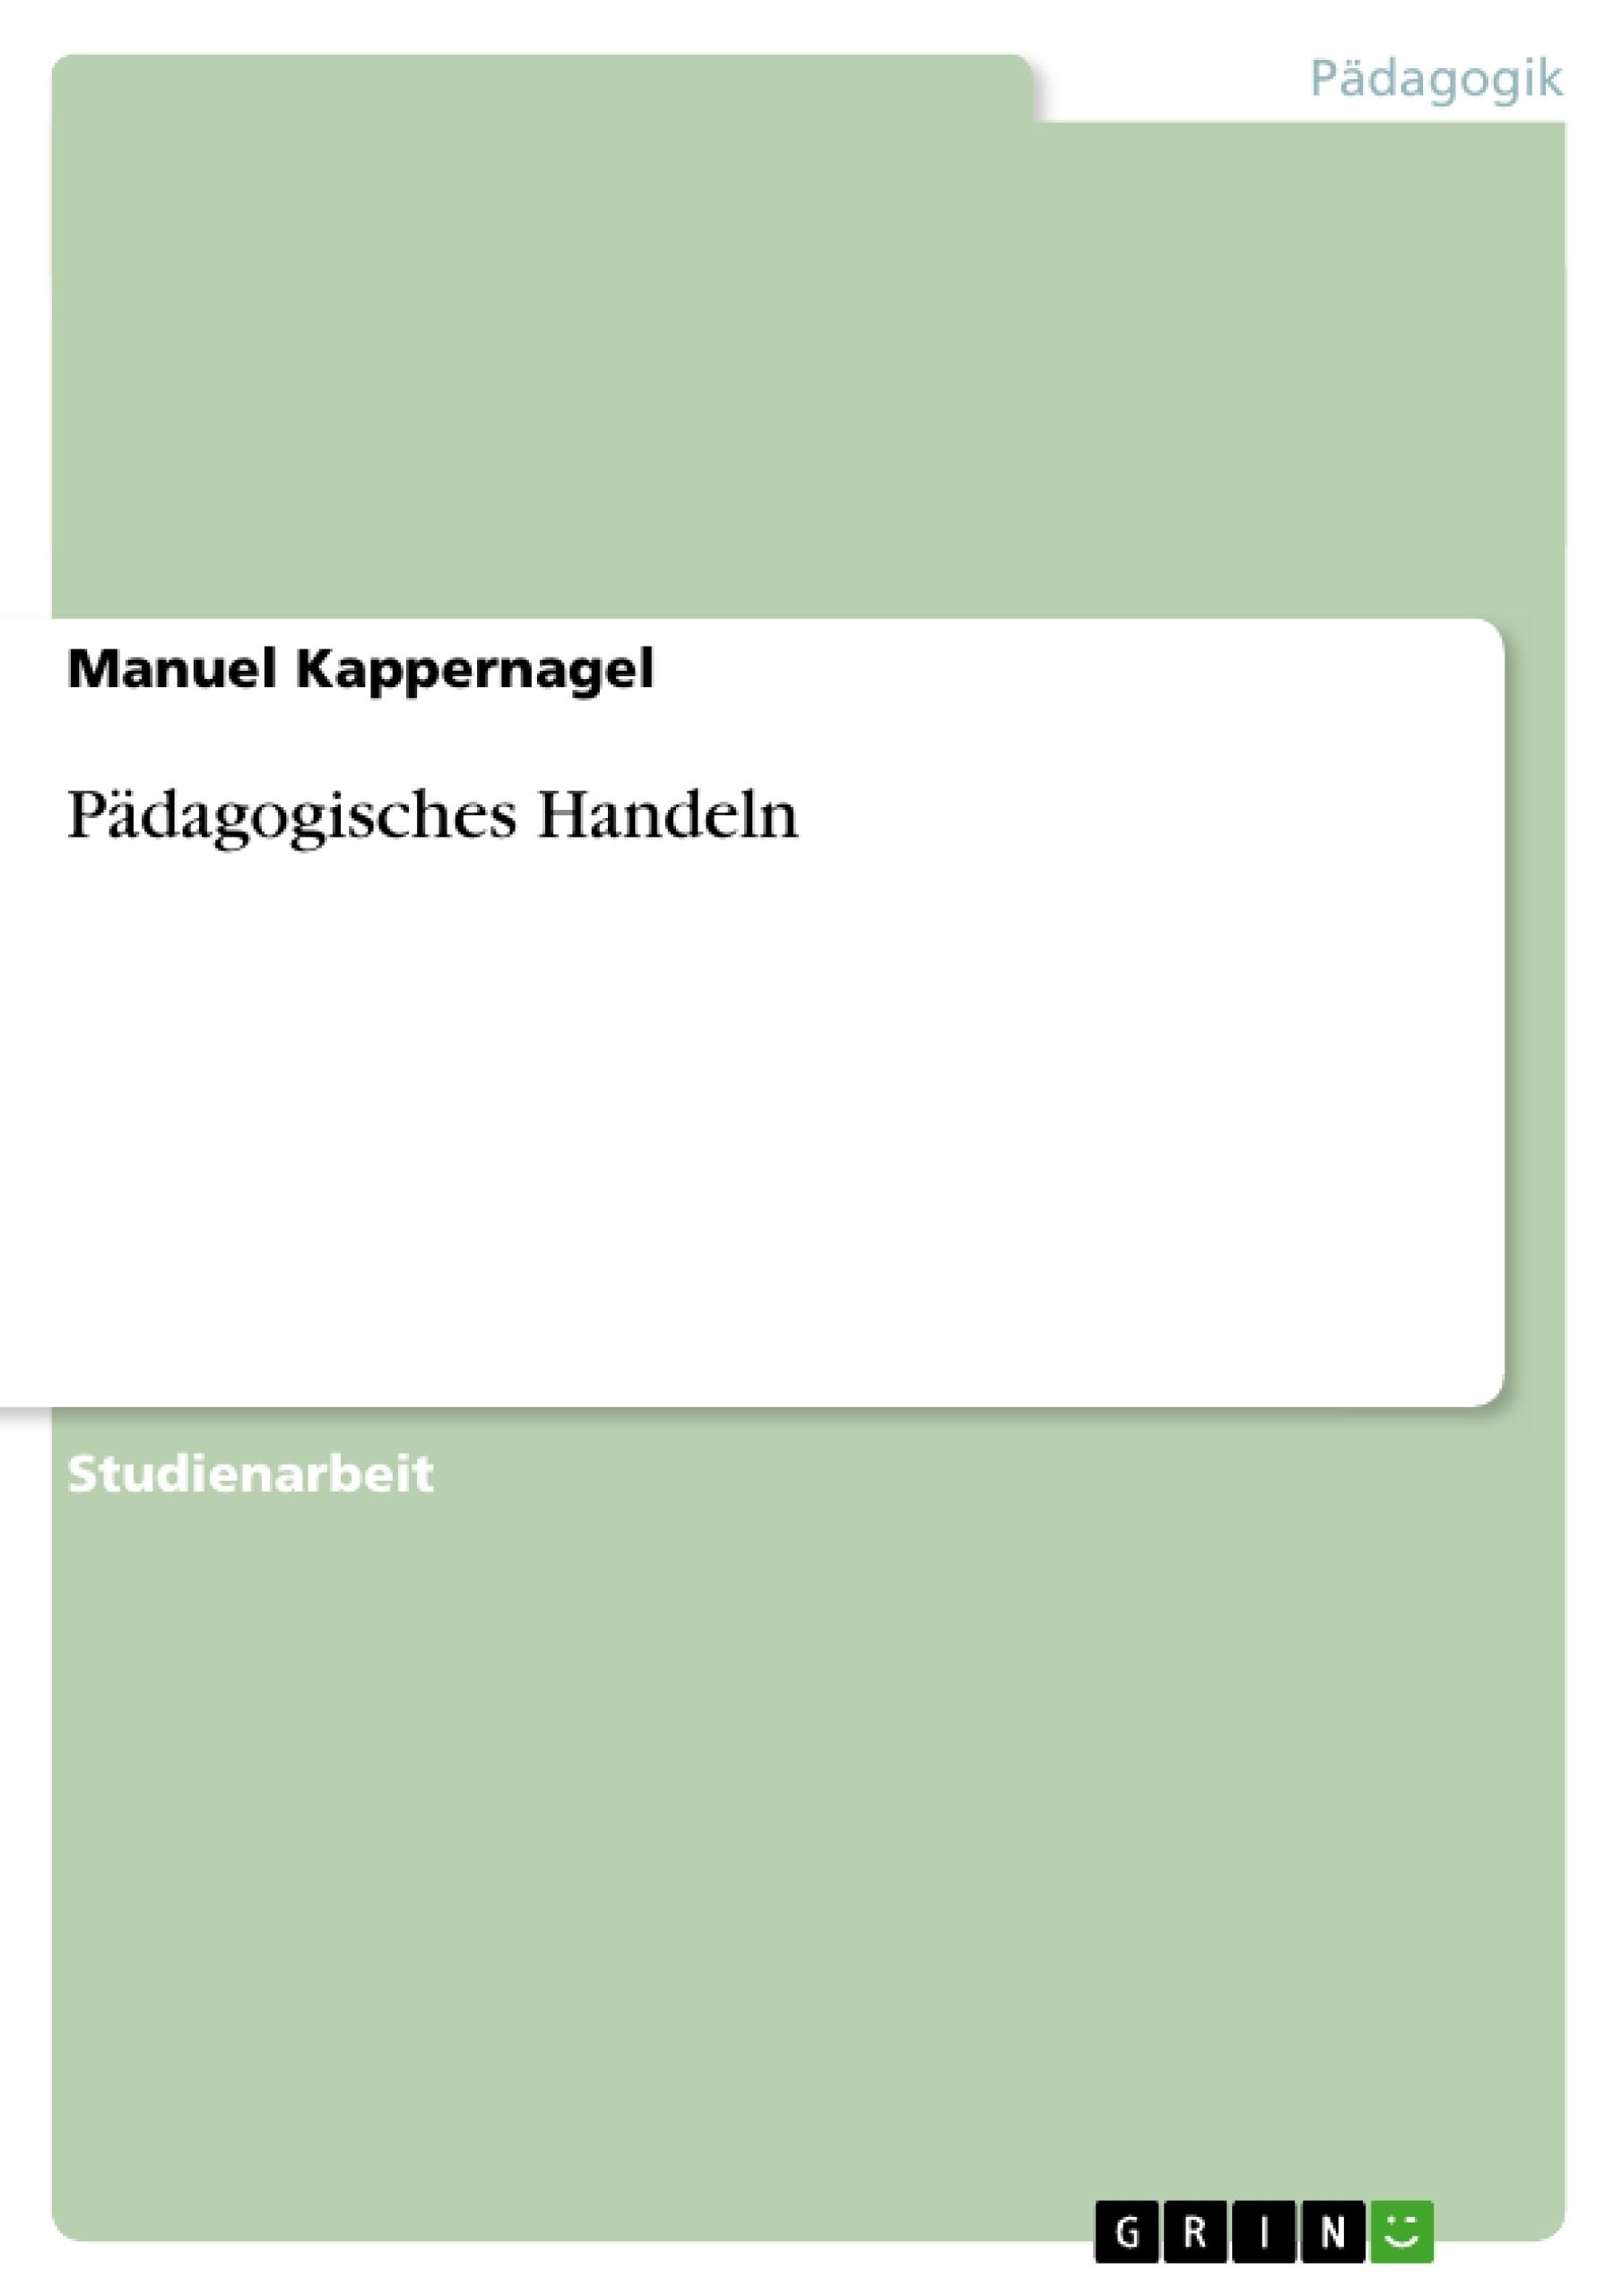 Titel: Pädagogisches Handeln